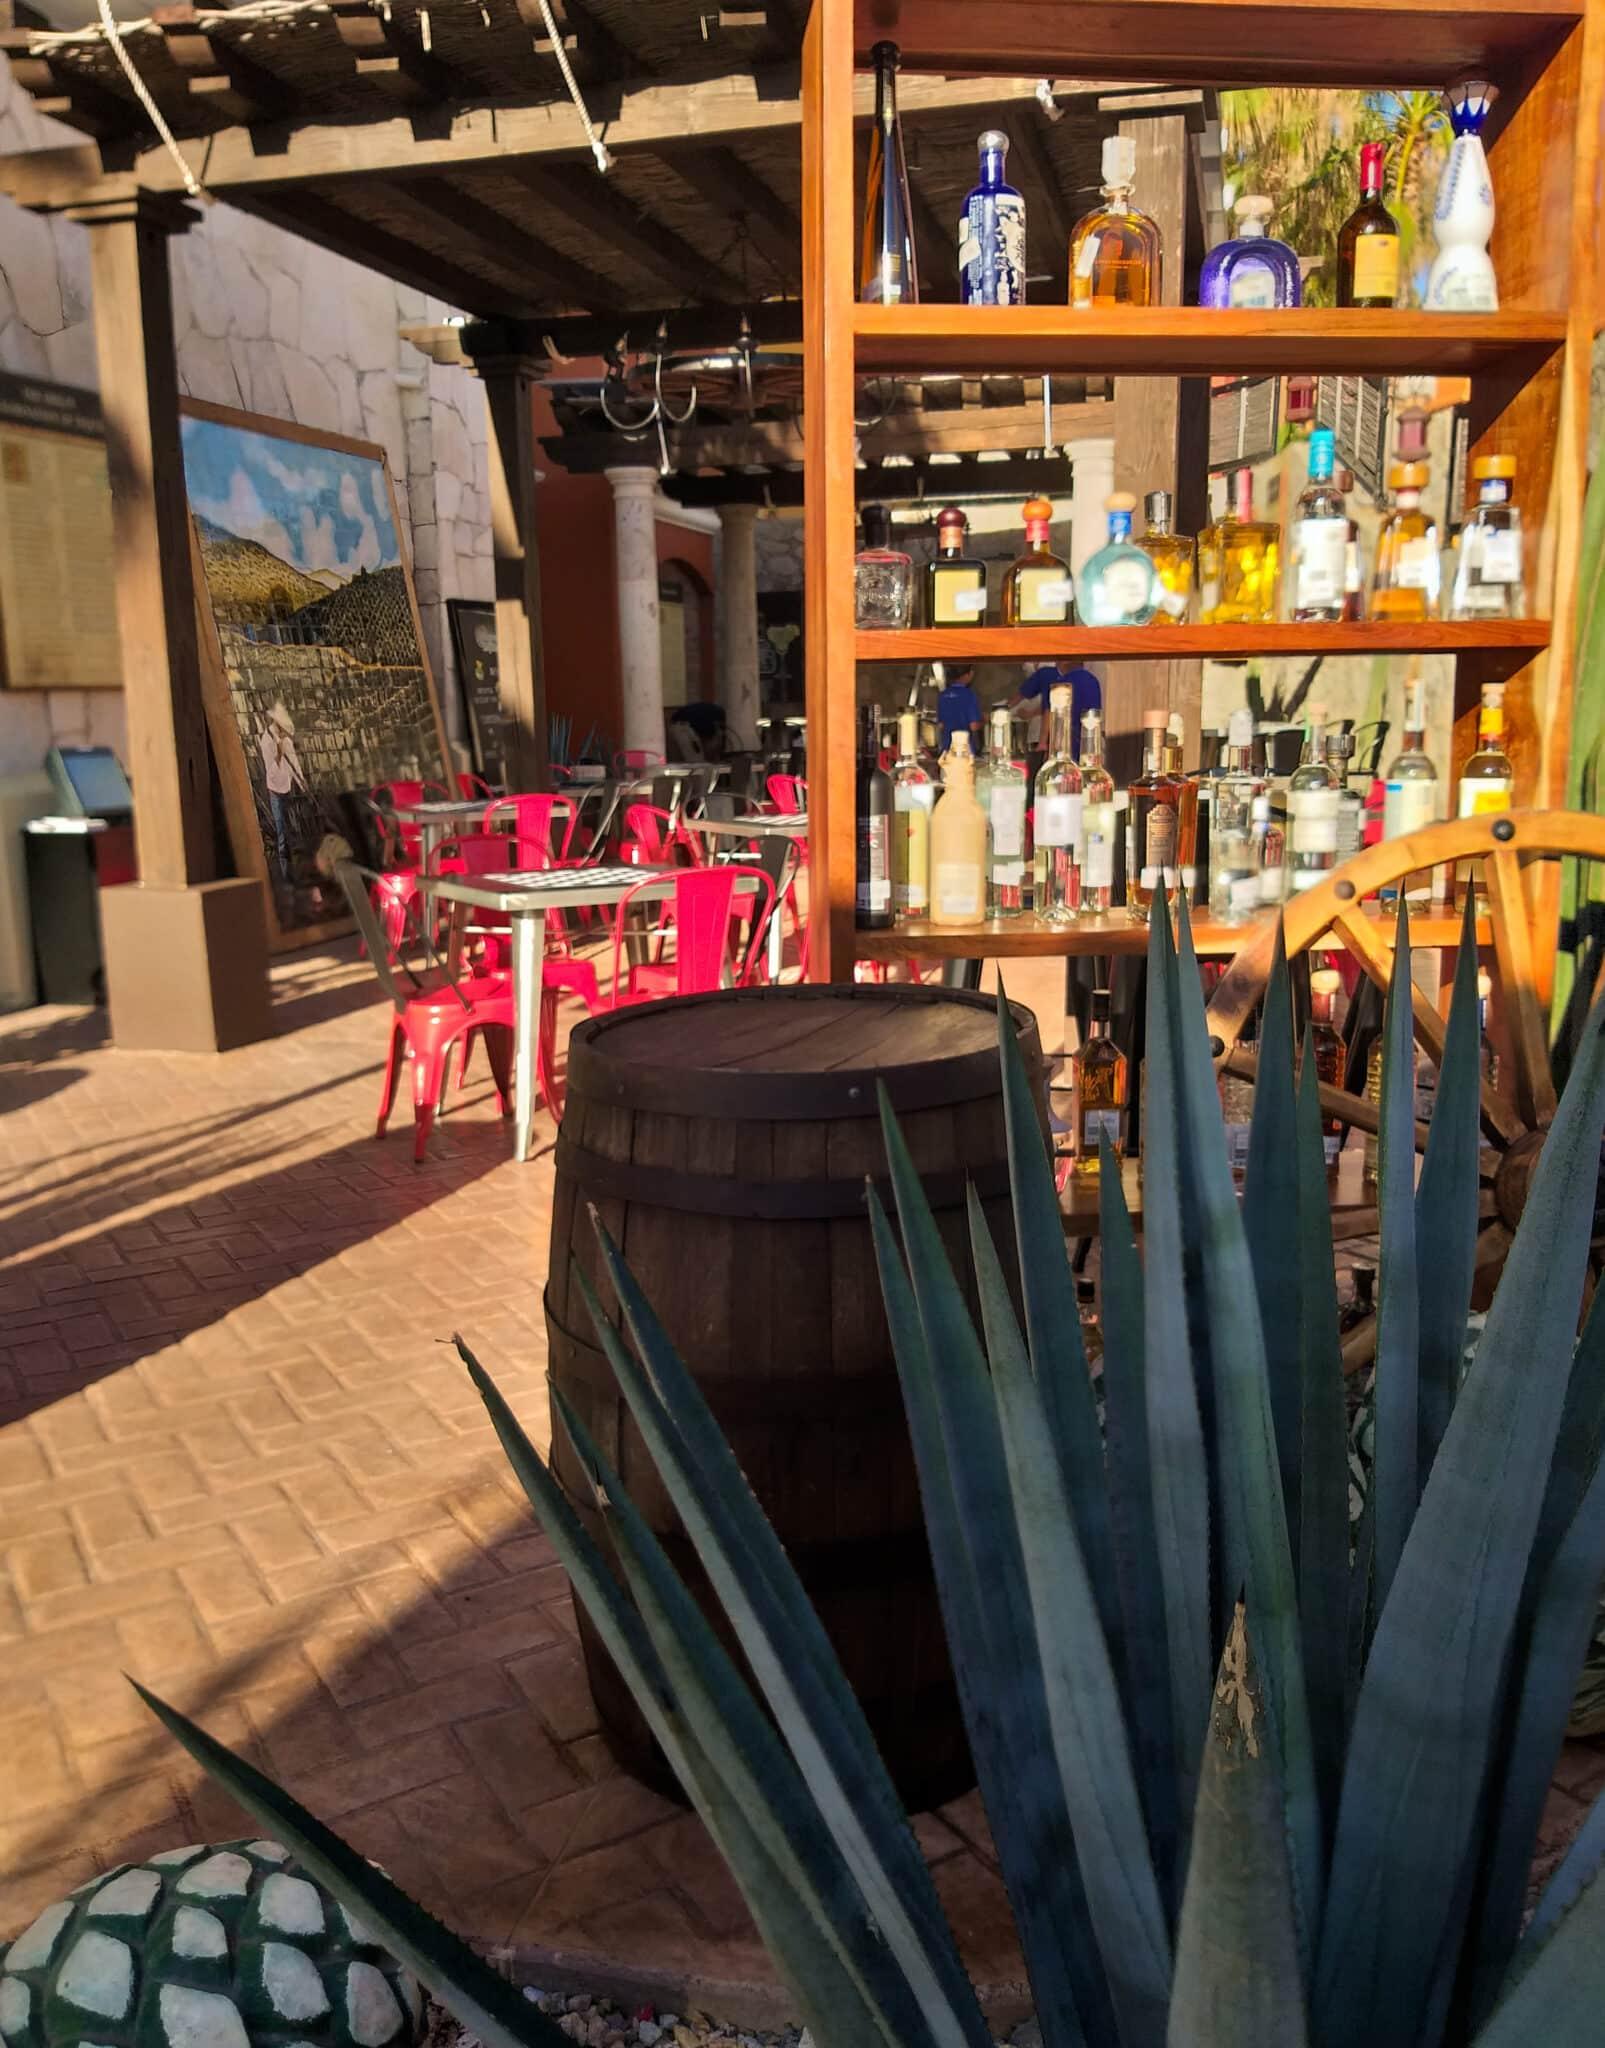 Tequila Expert Pamela Miranda